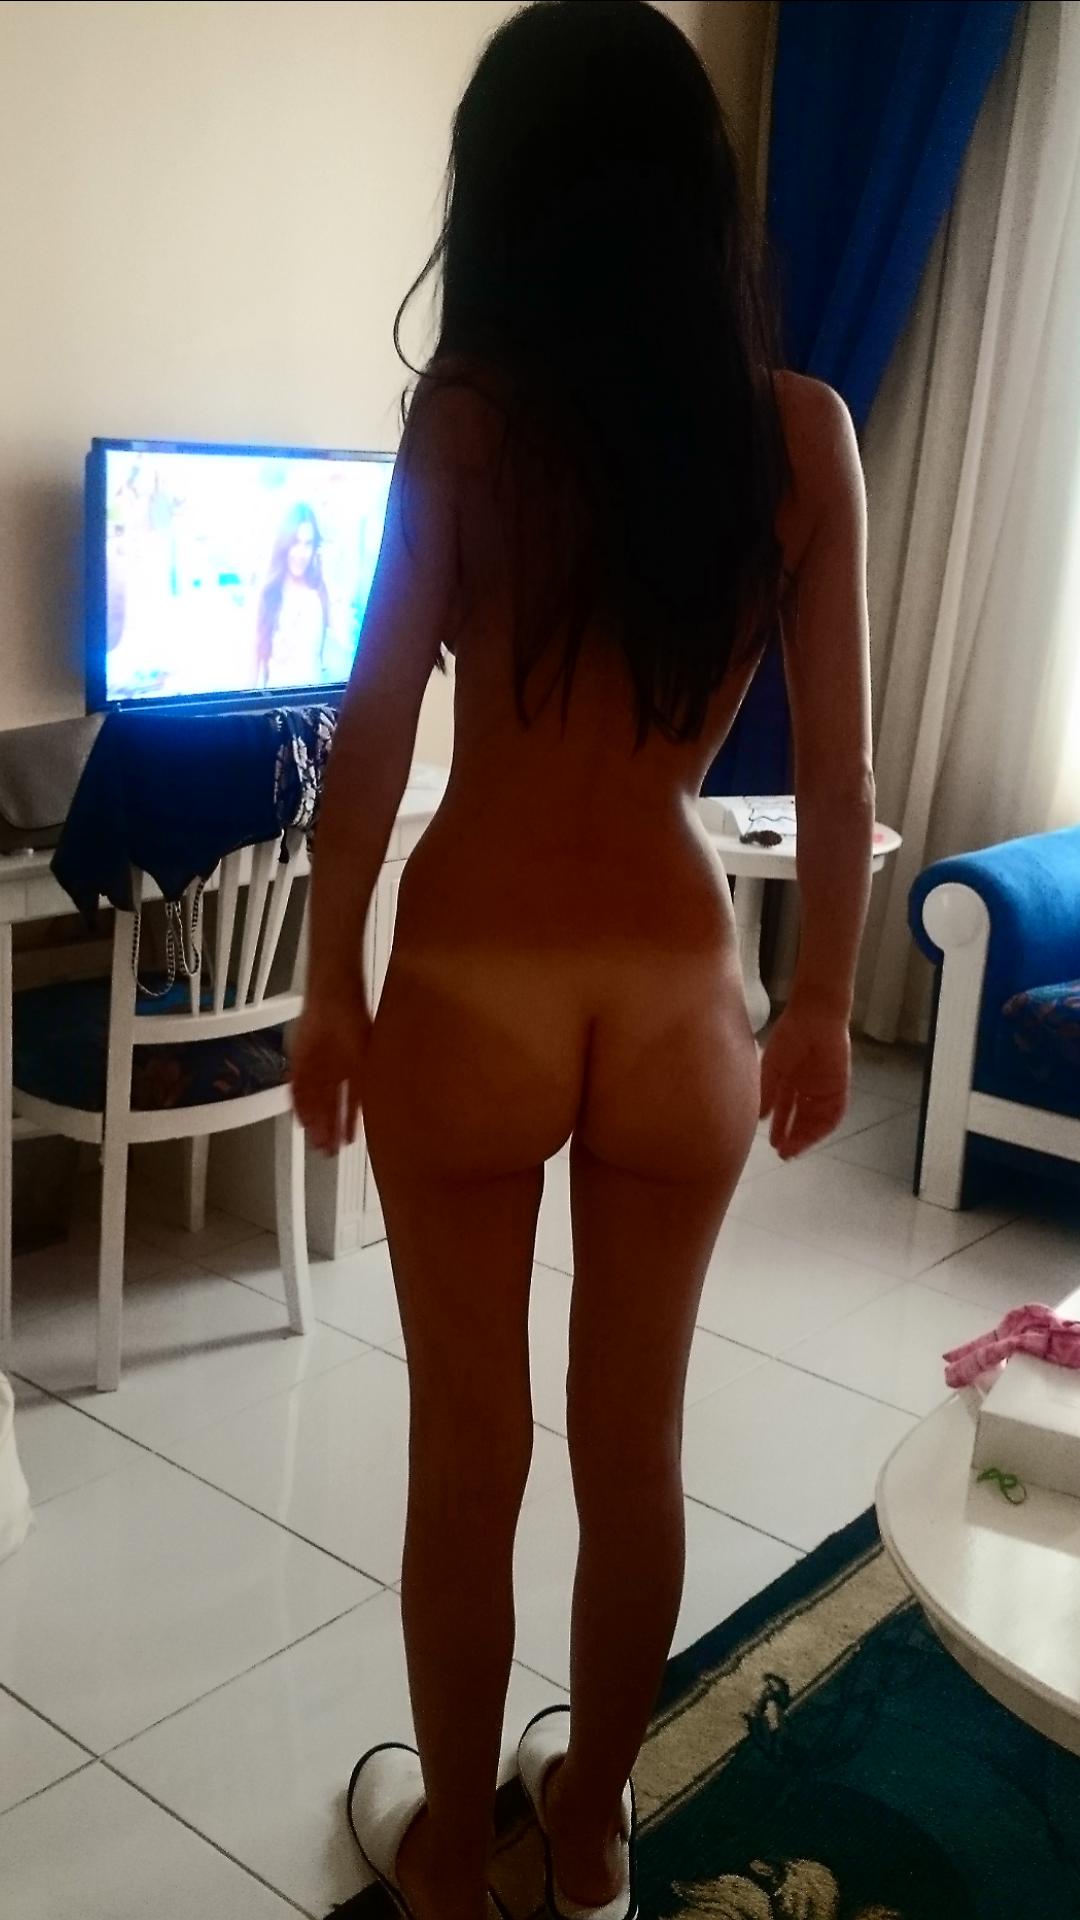 Gf ass) - Stickam Videos, Omegle Girls, Webcam Porn, Naked ...